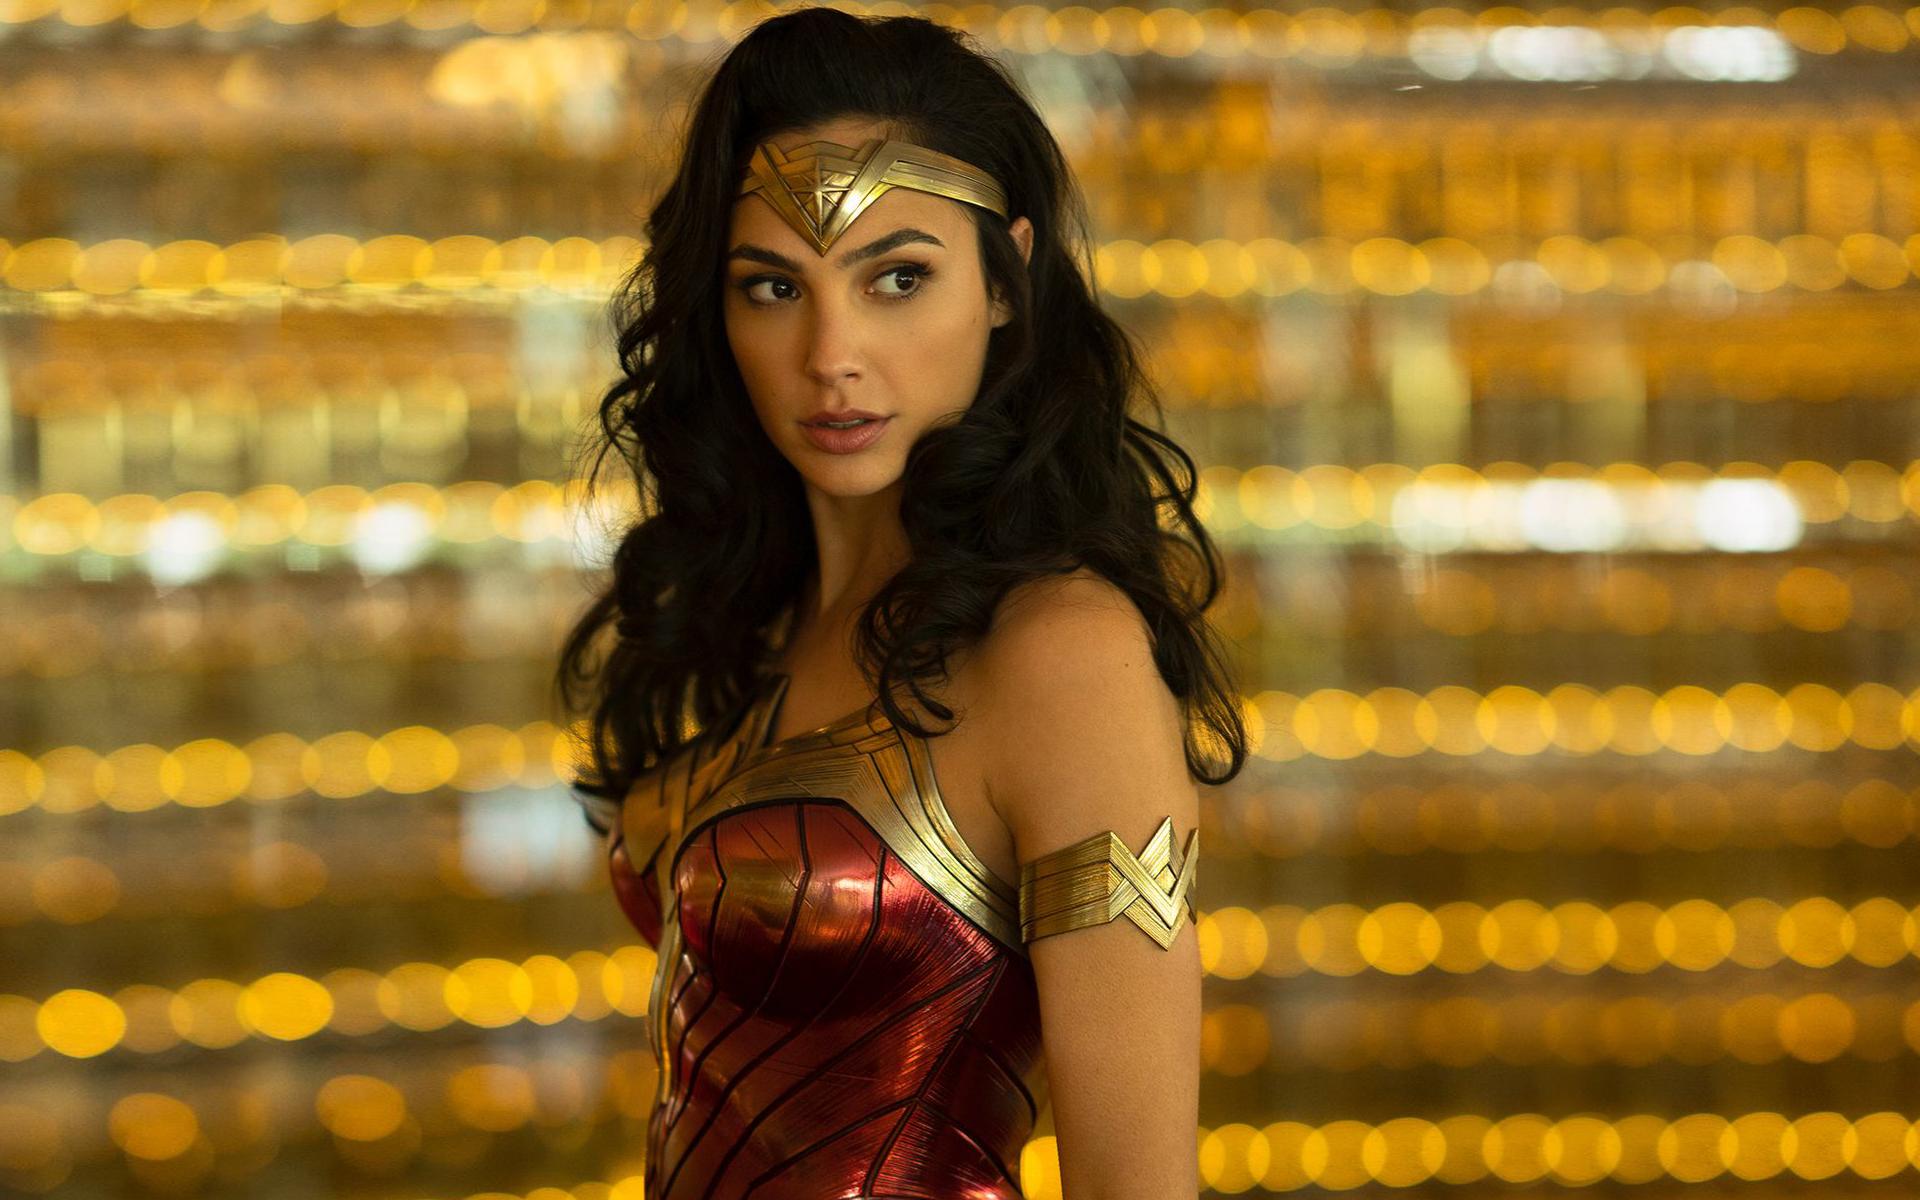 Wallpaper Gal Gadot As Wonder Woman 2017 Hd Picture Image: Wonder Woman 1984 HD Wallpaper